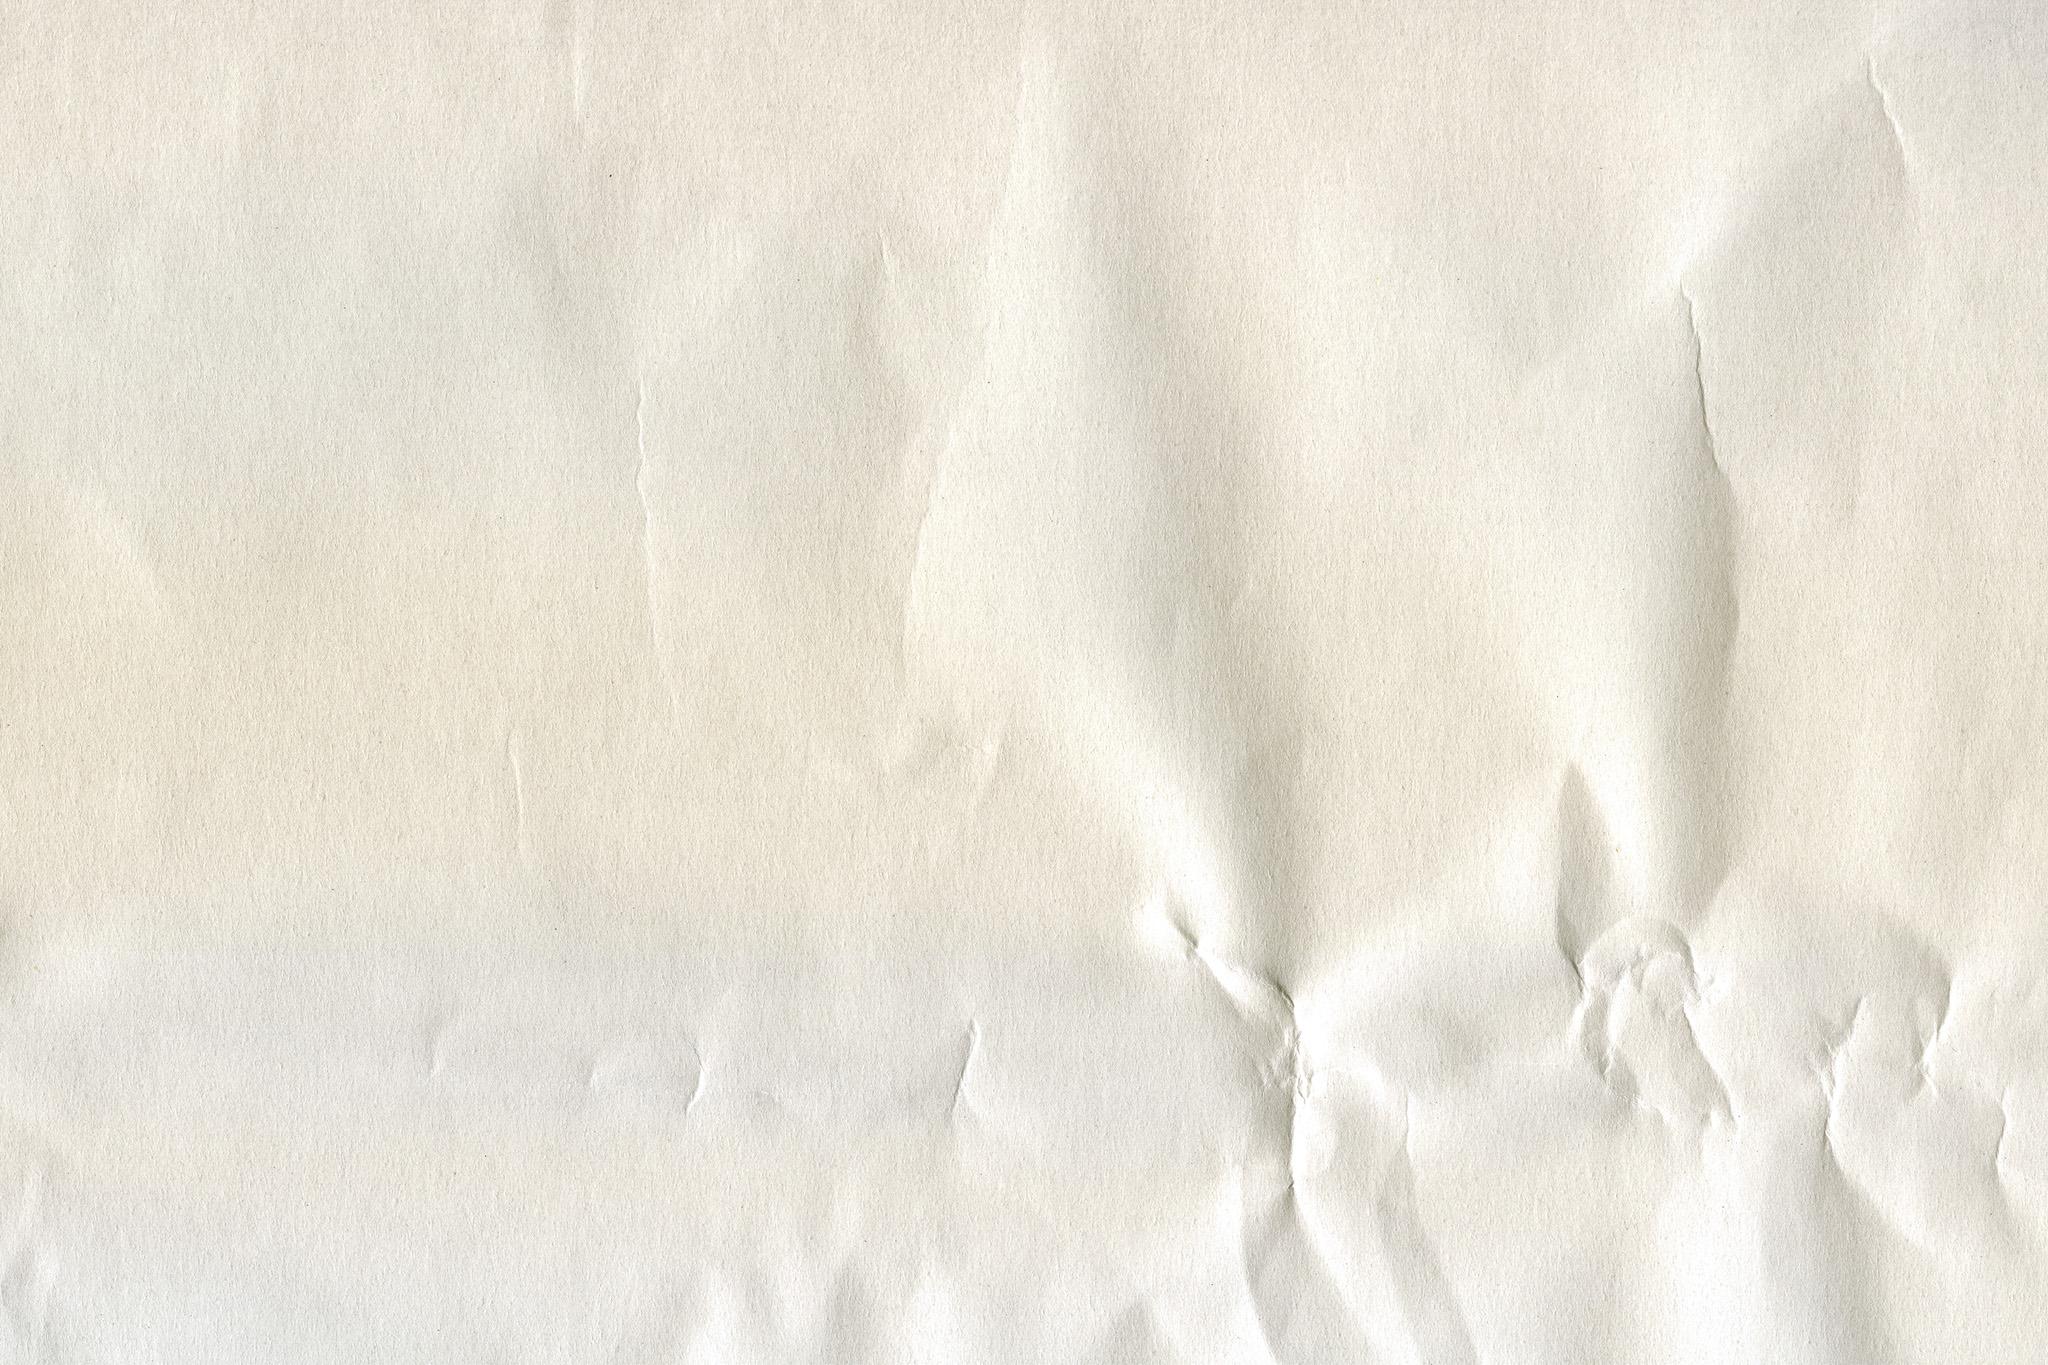 「硬い大きなシワのある白紙」の素材を無料ダウンロード